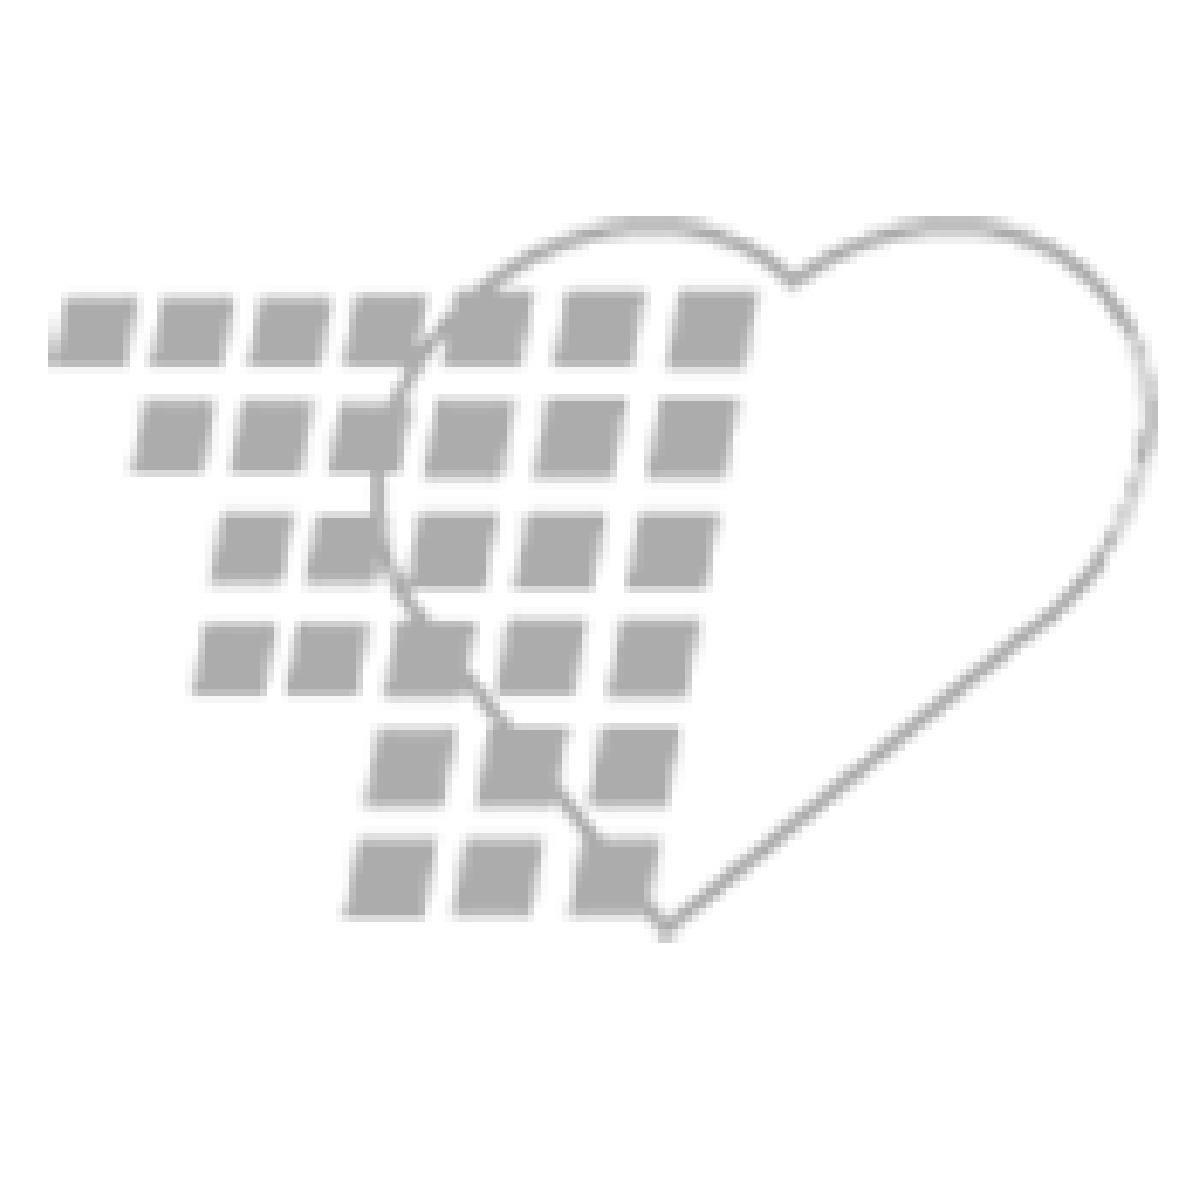 06-93-6021 Demo Dose®  CyanoKT Kit